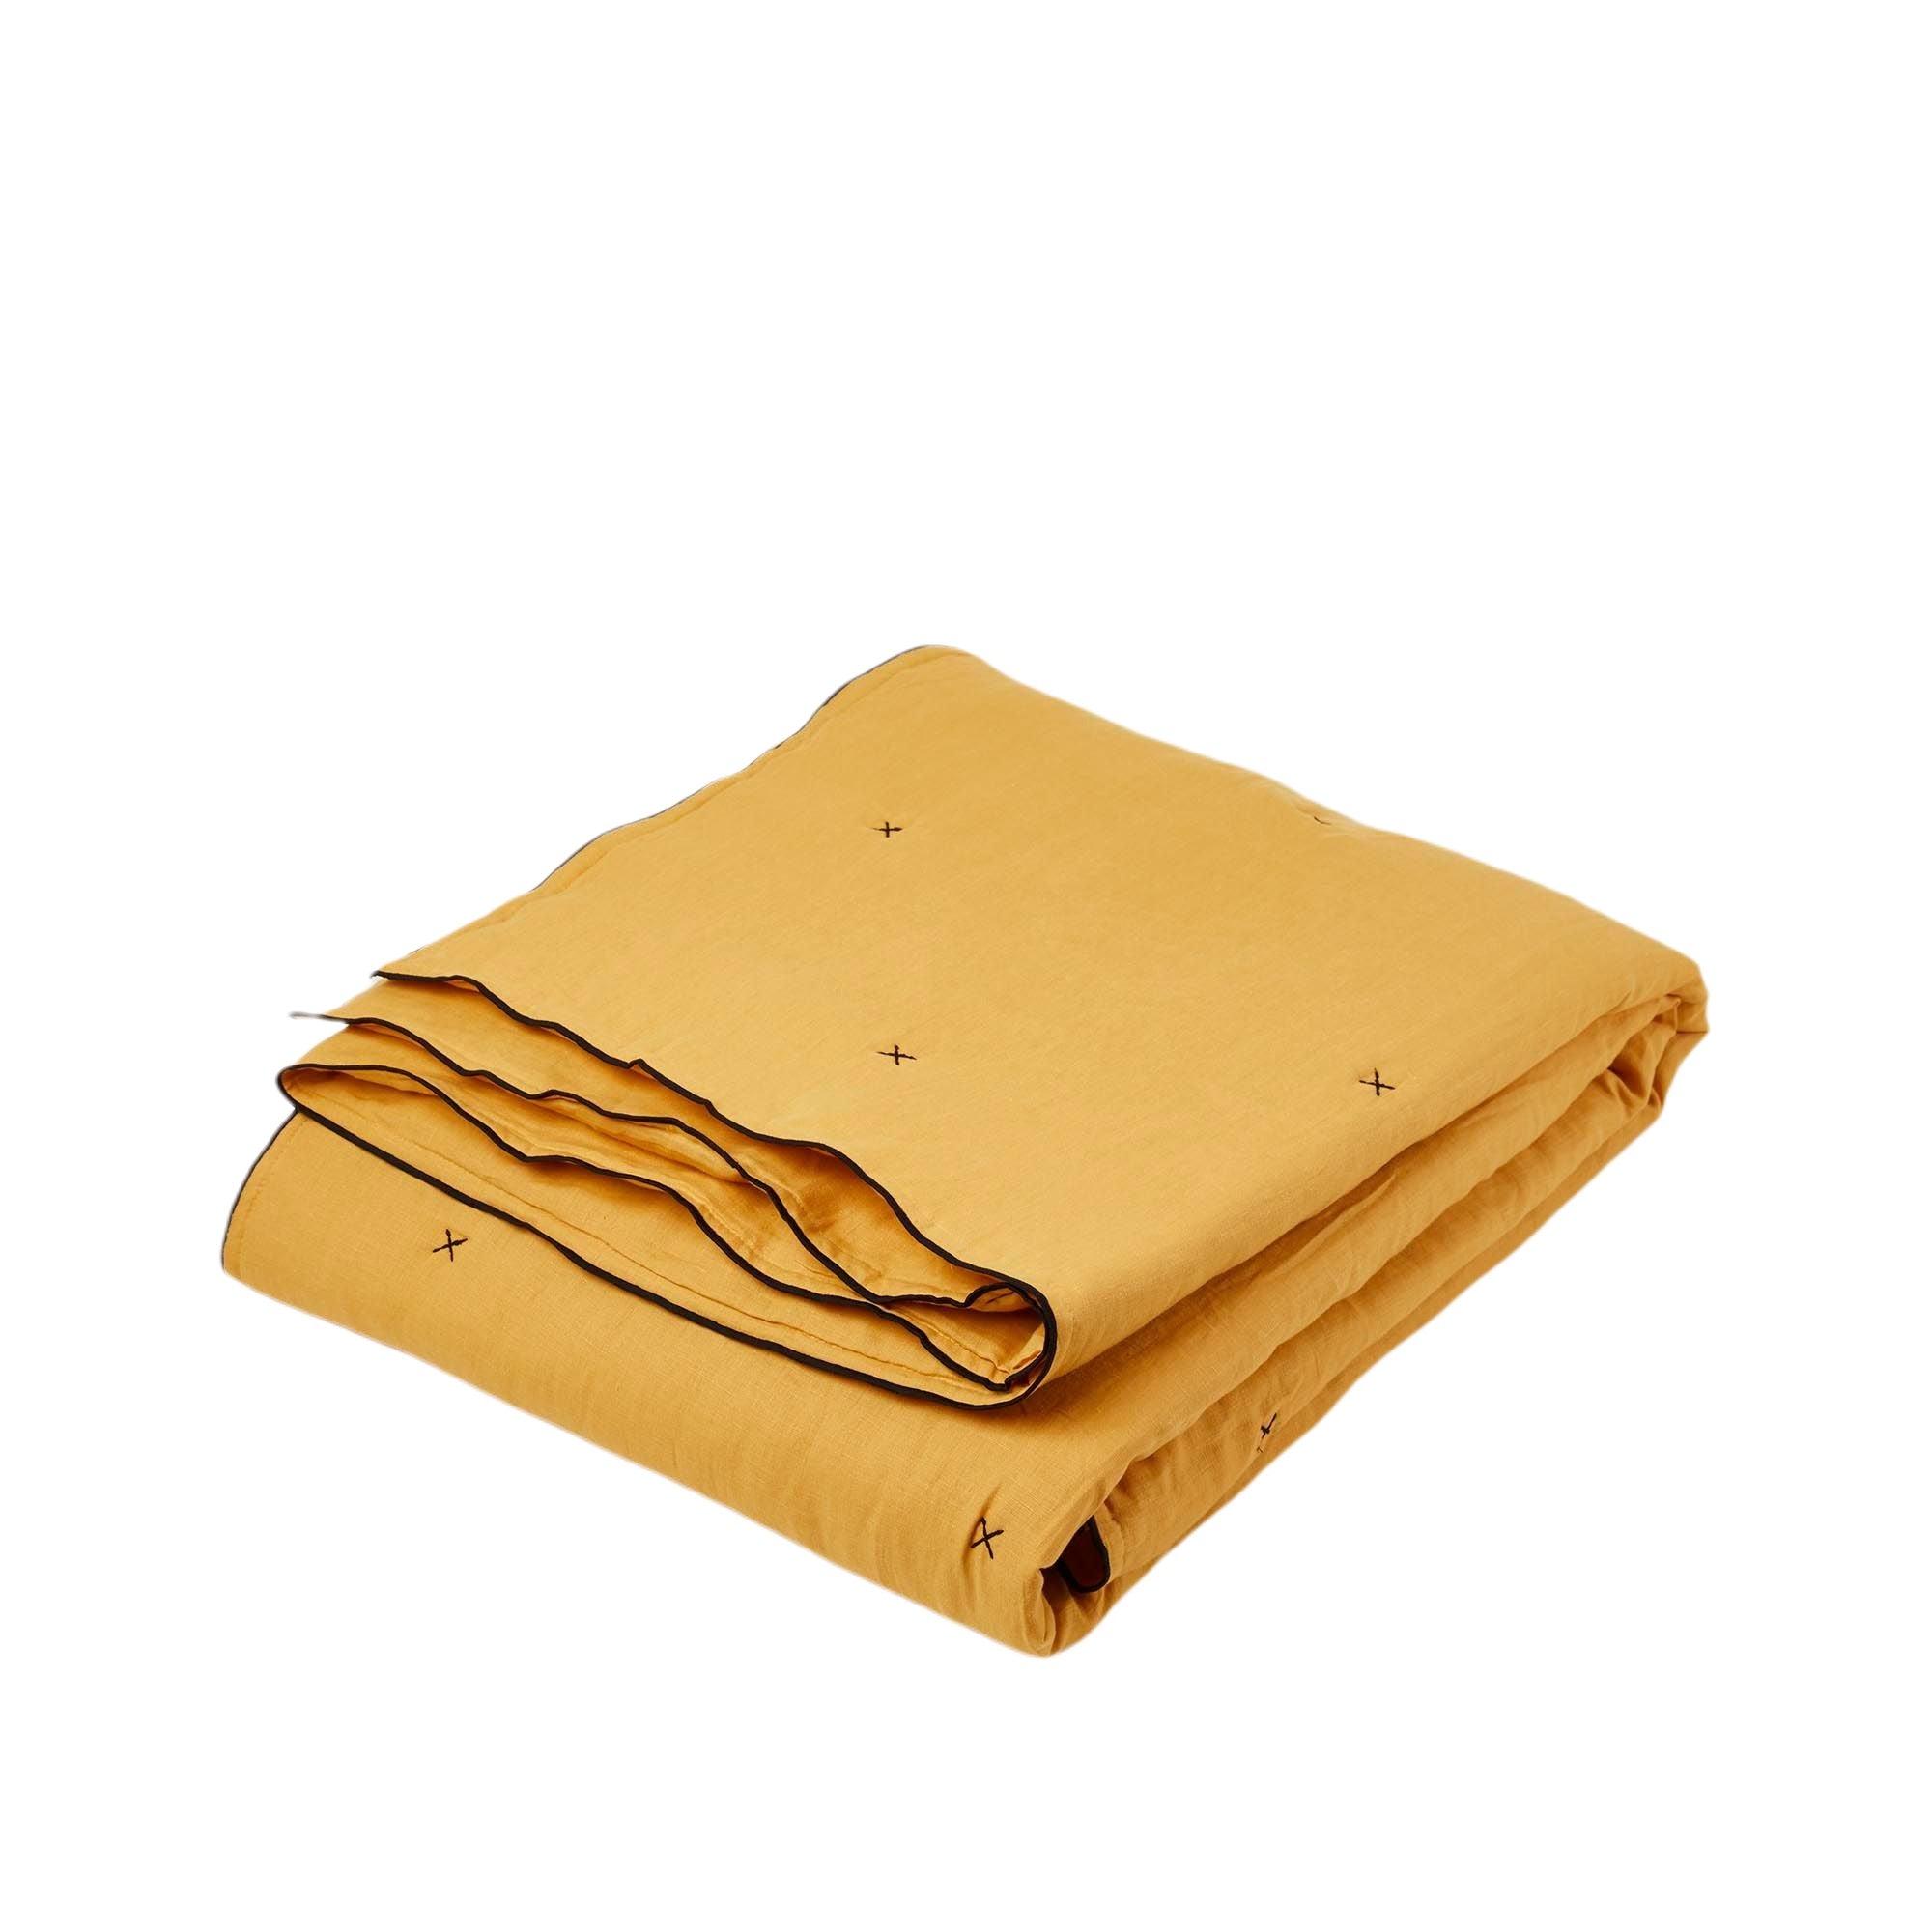 Couvre-lit matelassé 225x280 cm Jaune ocre et bourdon noir en Lin